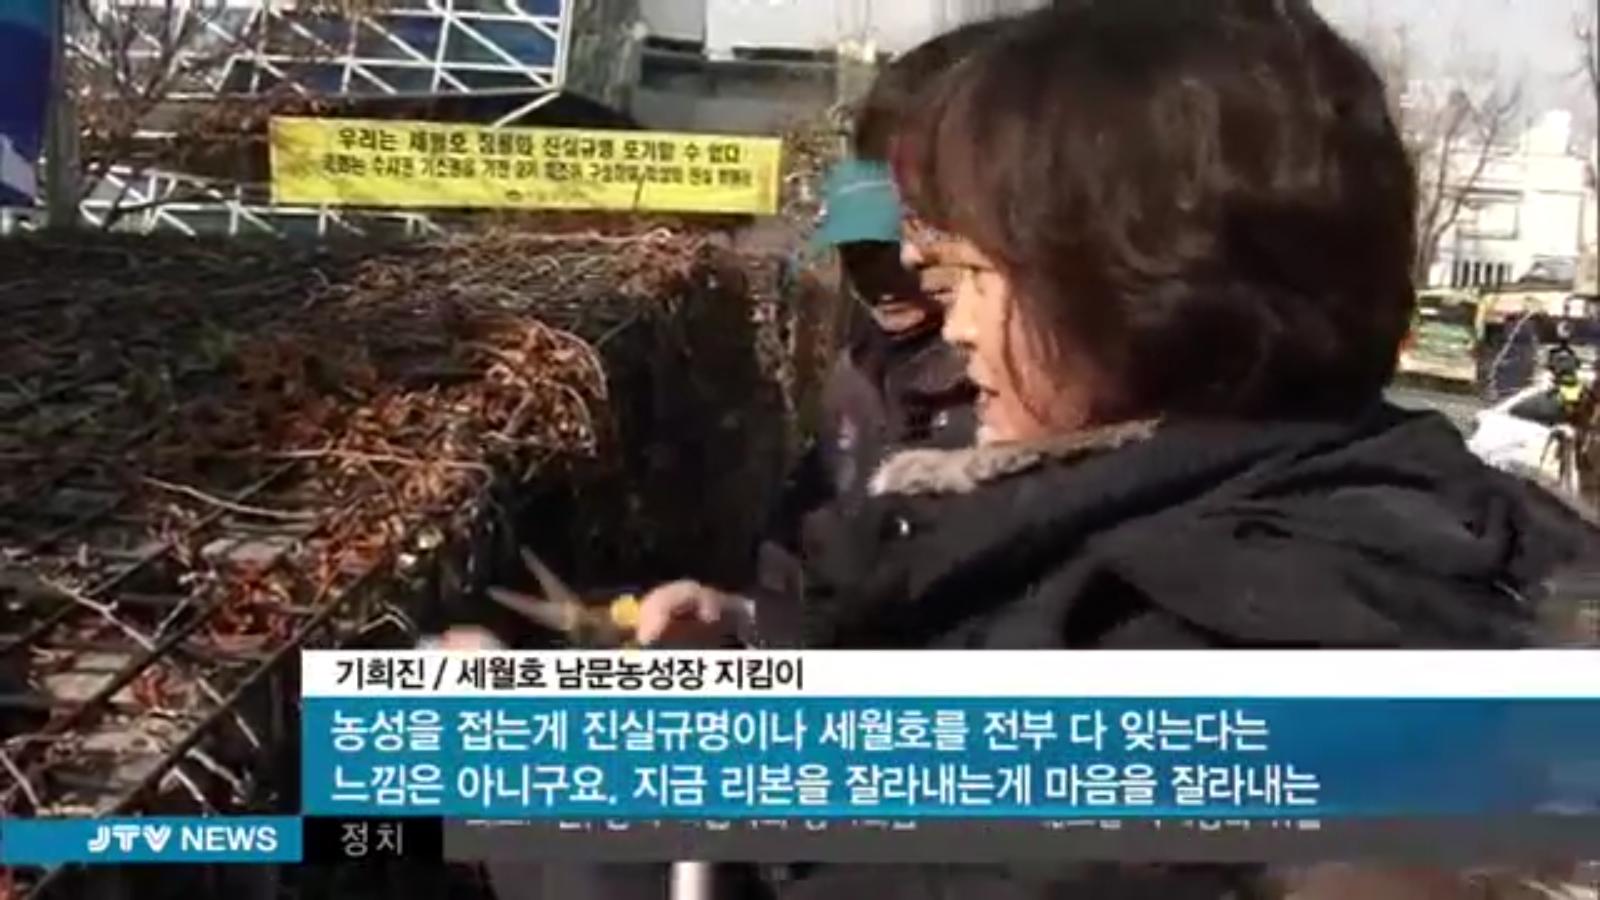 [17.12.2 JTV] 1197일 세월호남문농성장 마무리3.jpg